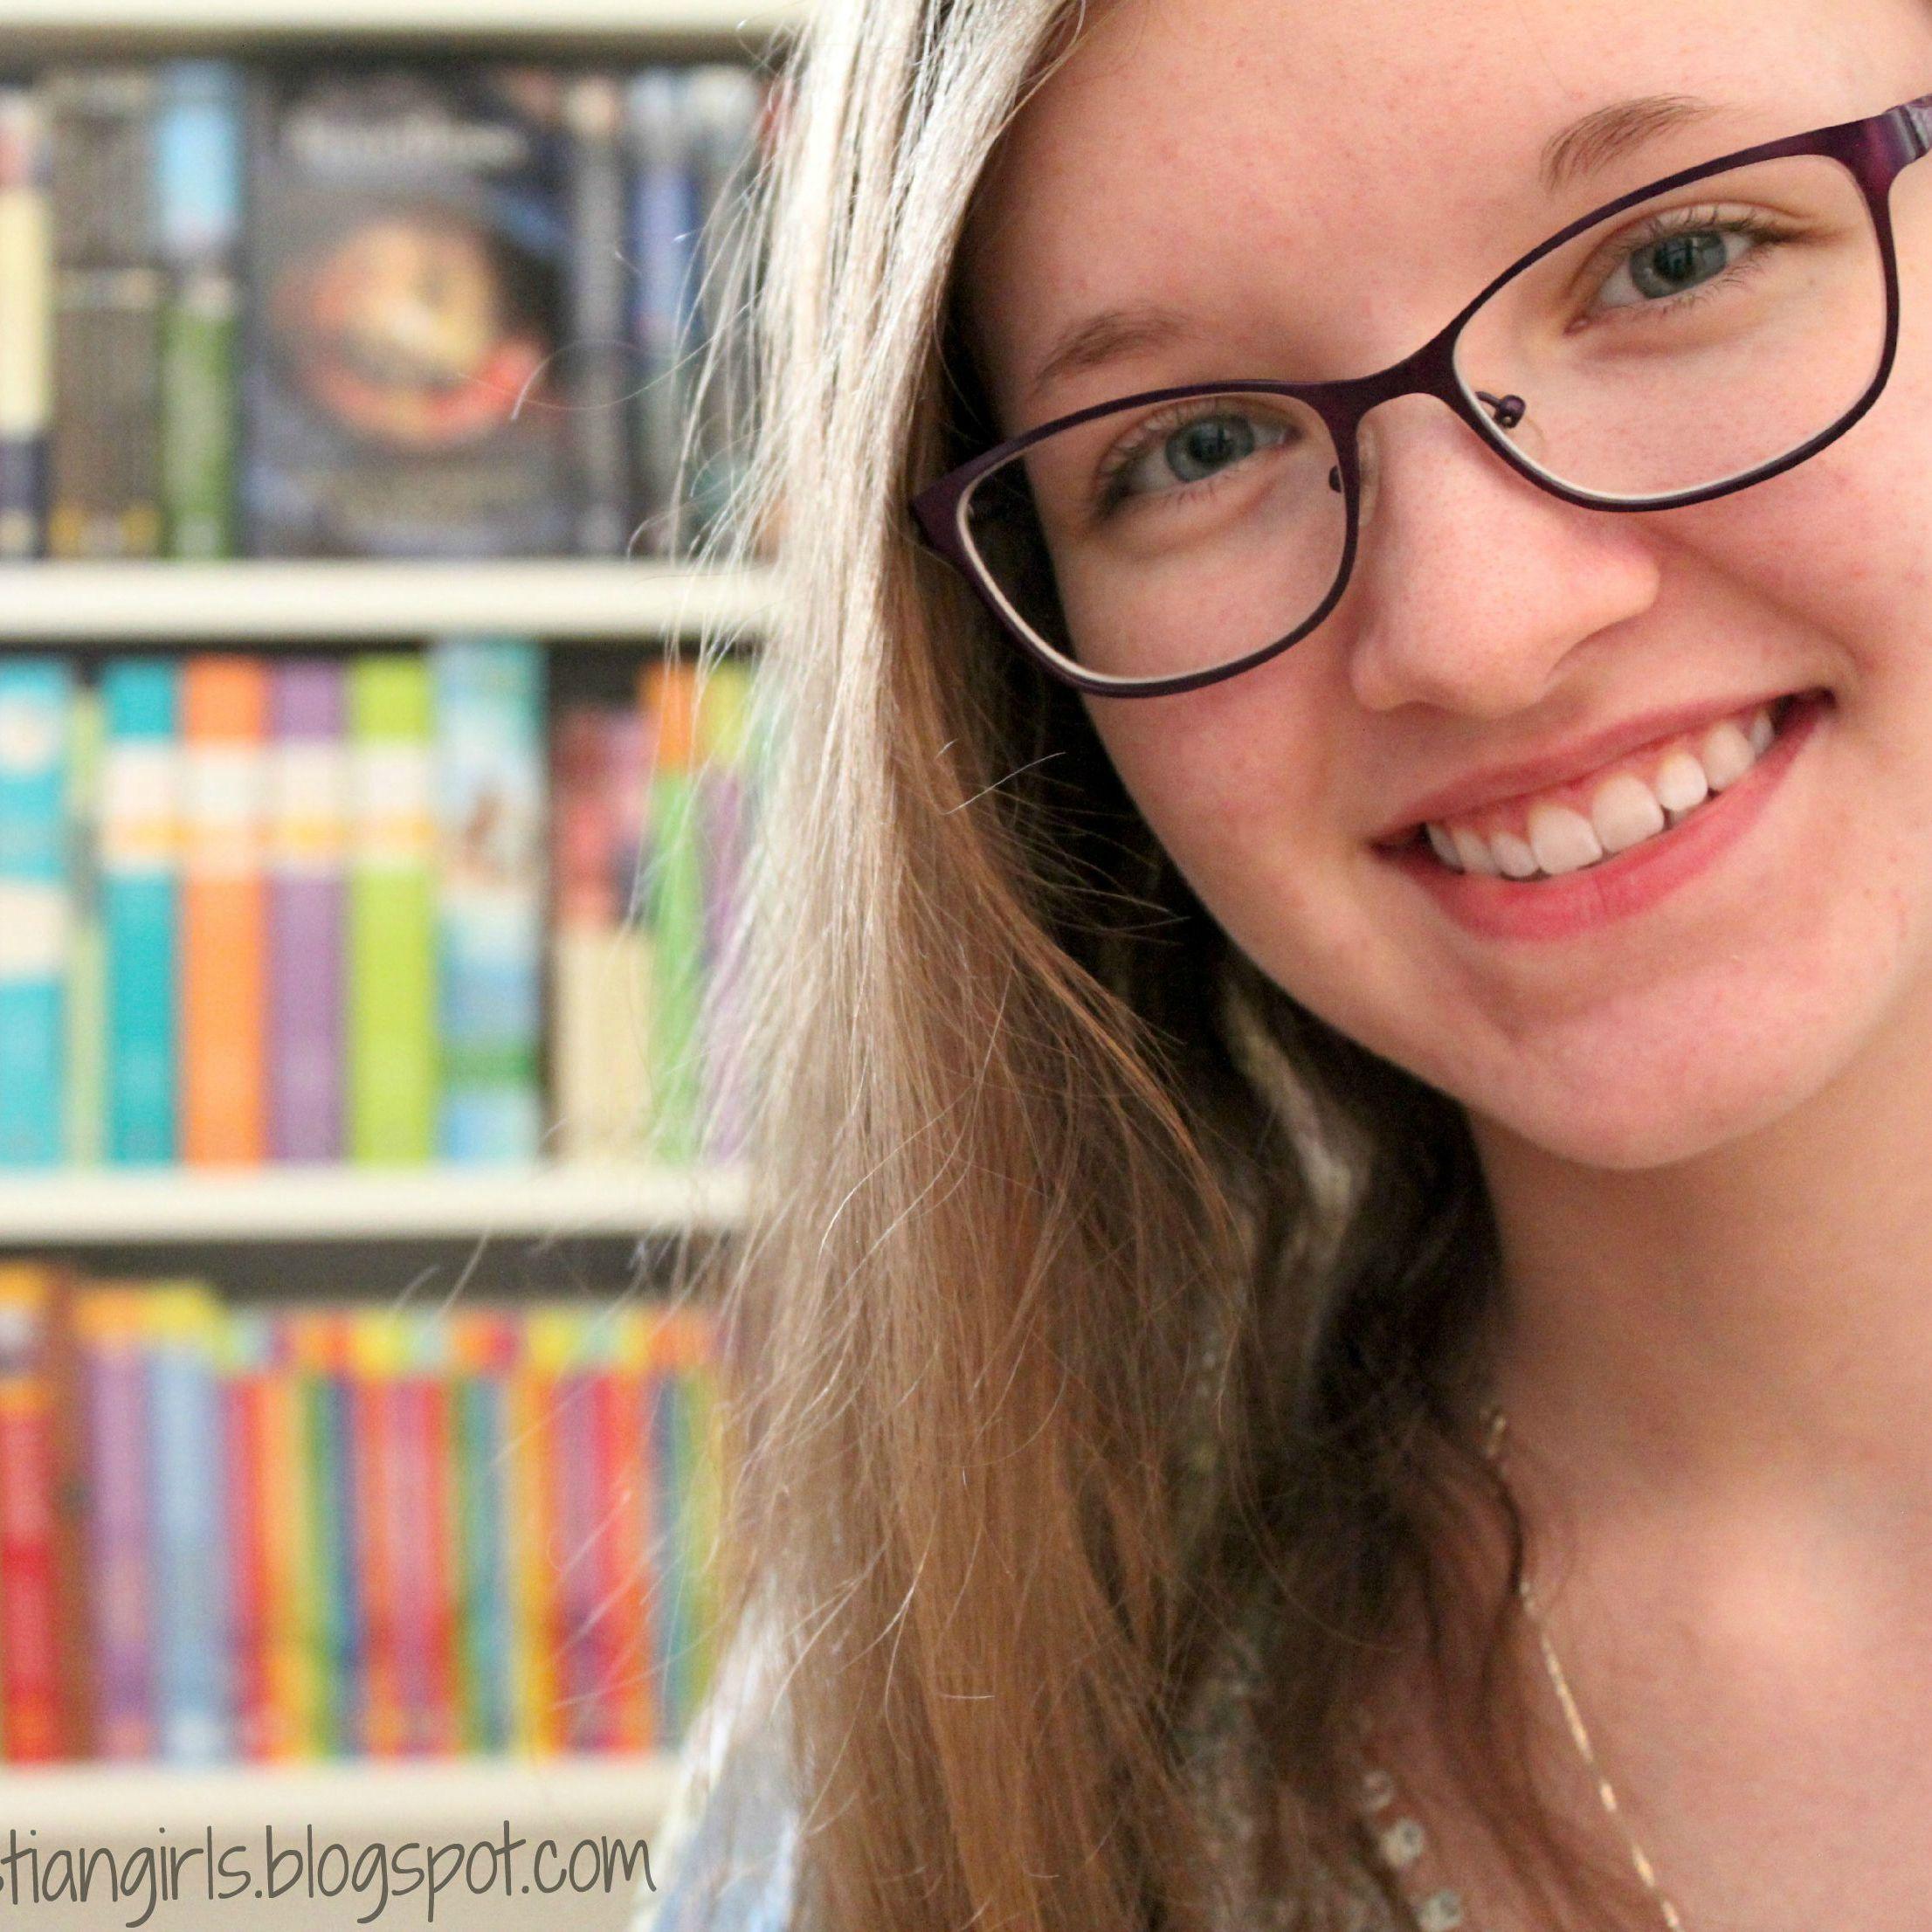 Books for Christian Girls